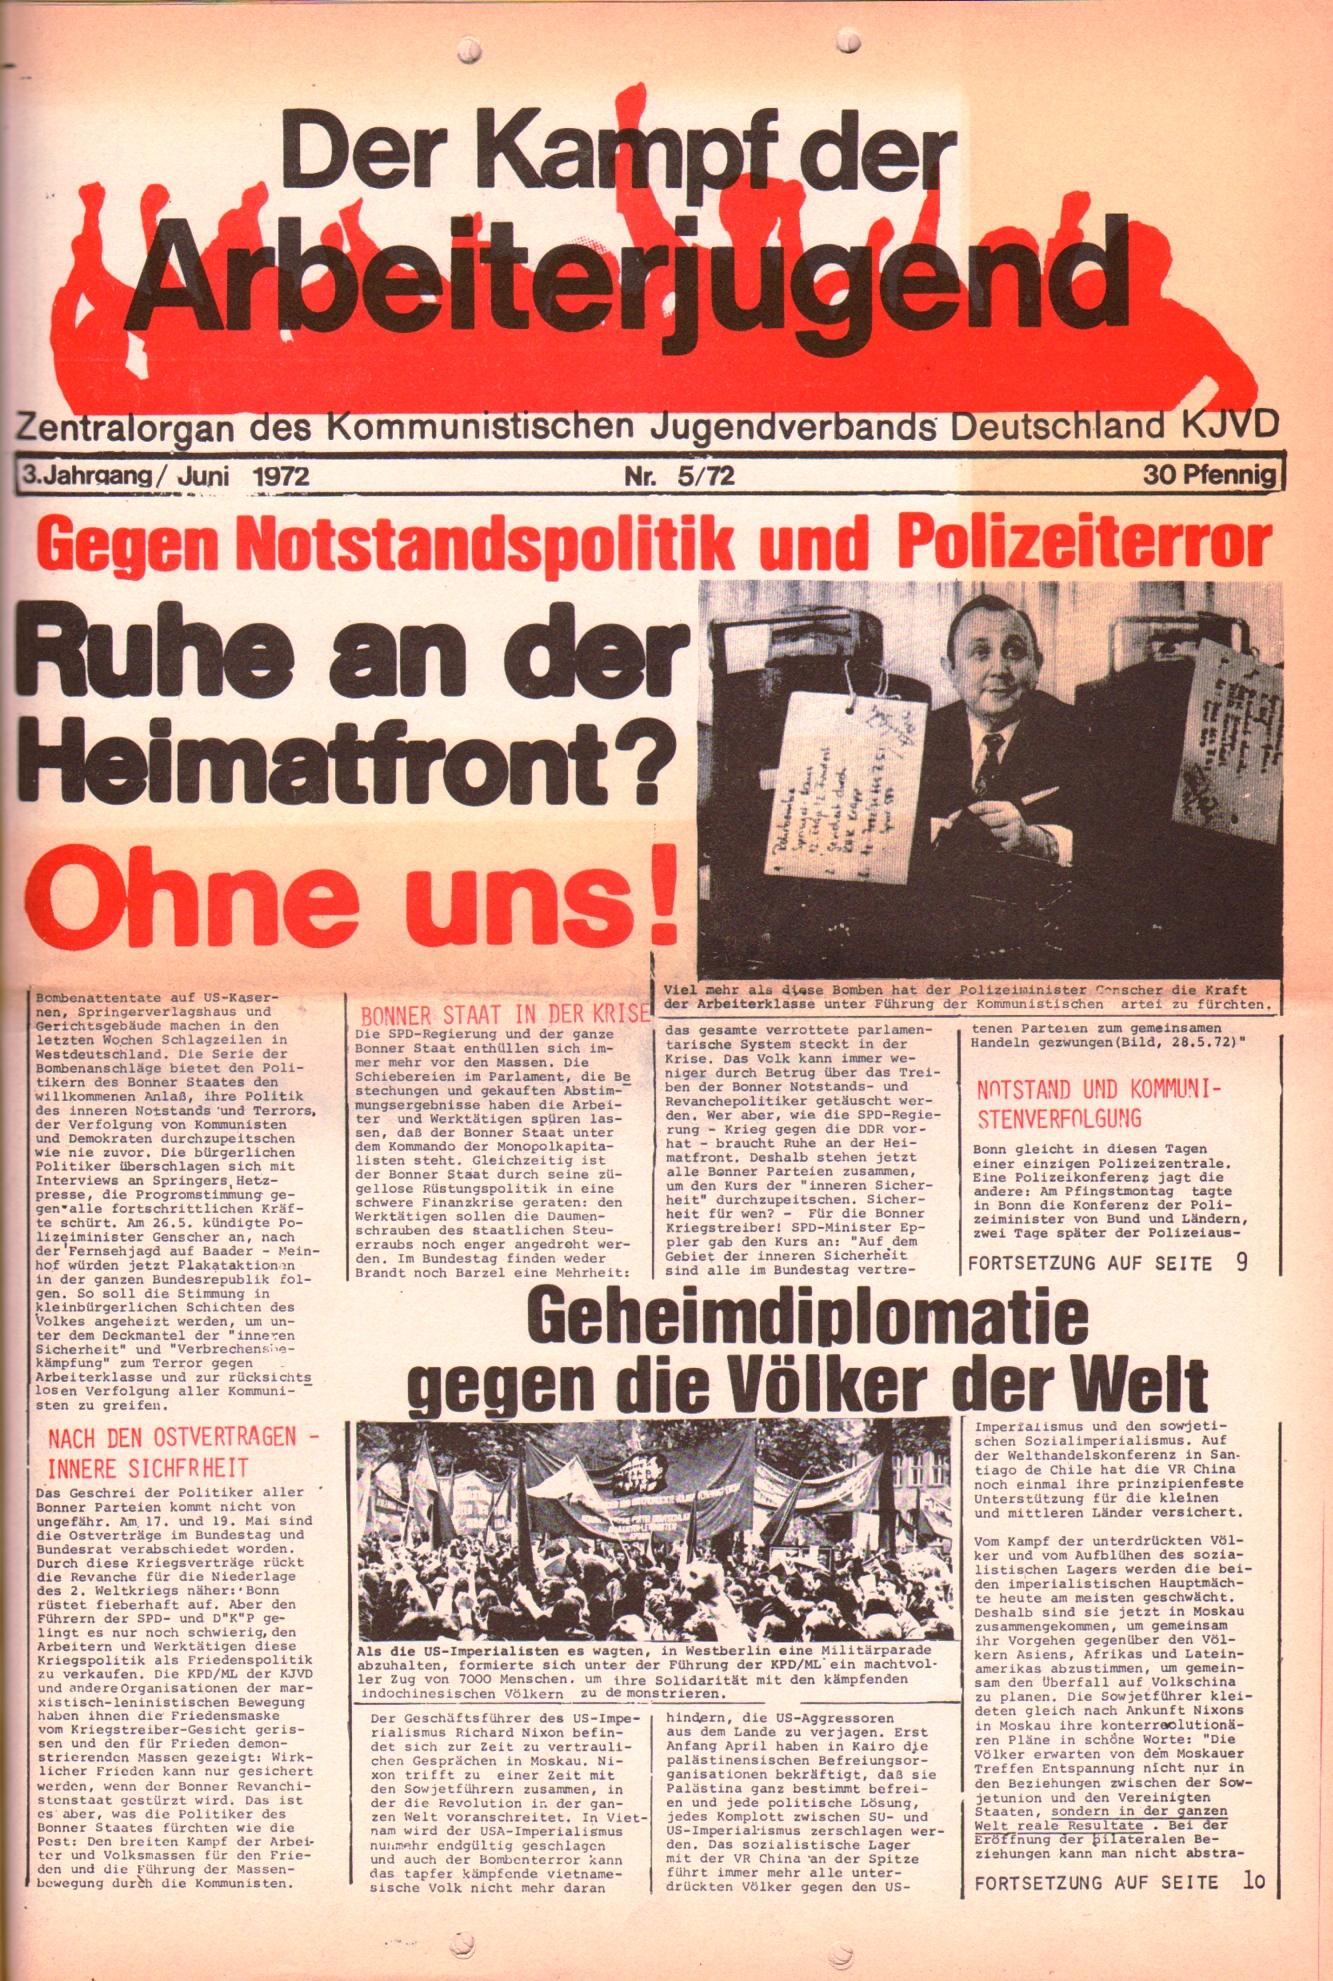 KDAJ, 3. Jg., Juni 1972, Nr. 5, Seite 1